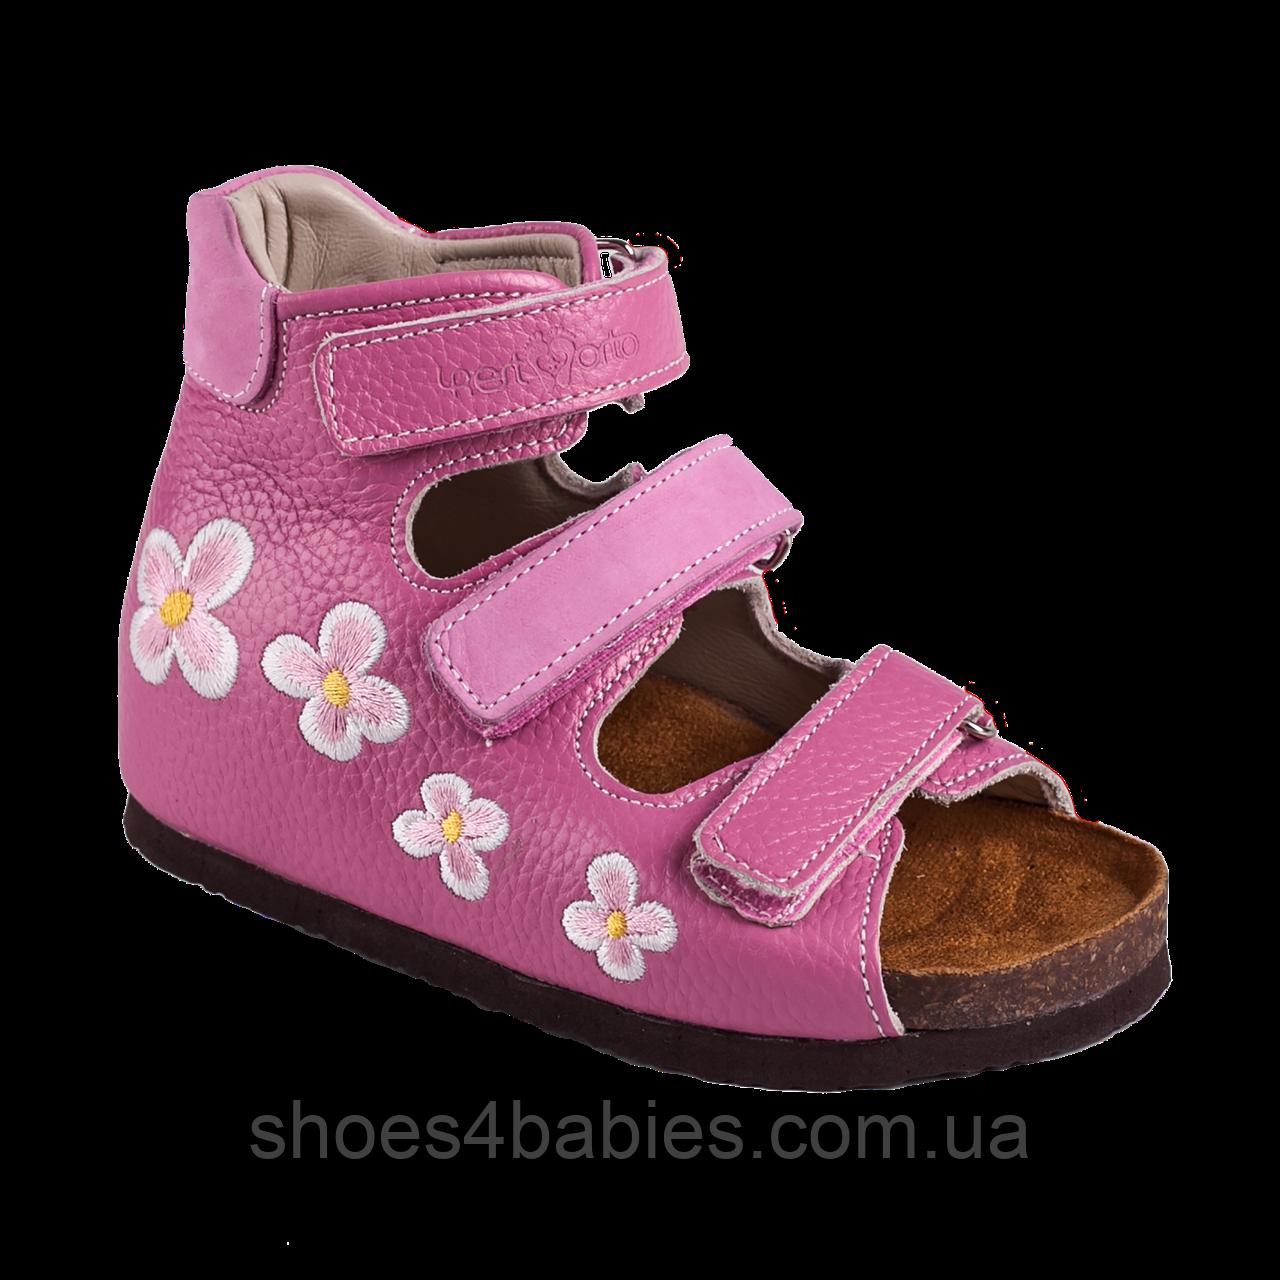 Дитячі ортопедичні шкіряні сандалі 07-004 р-н. 21-30